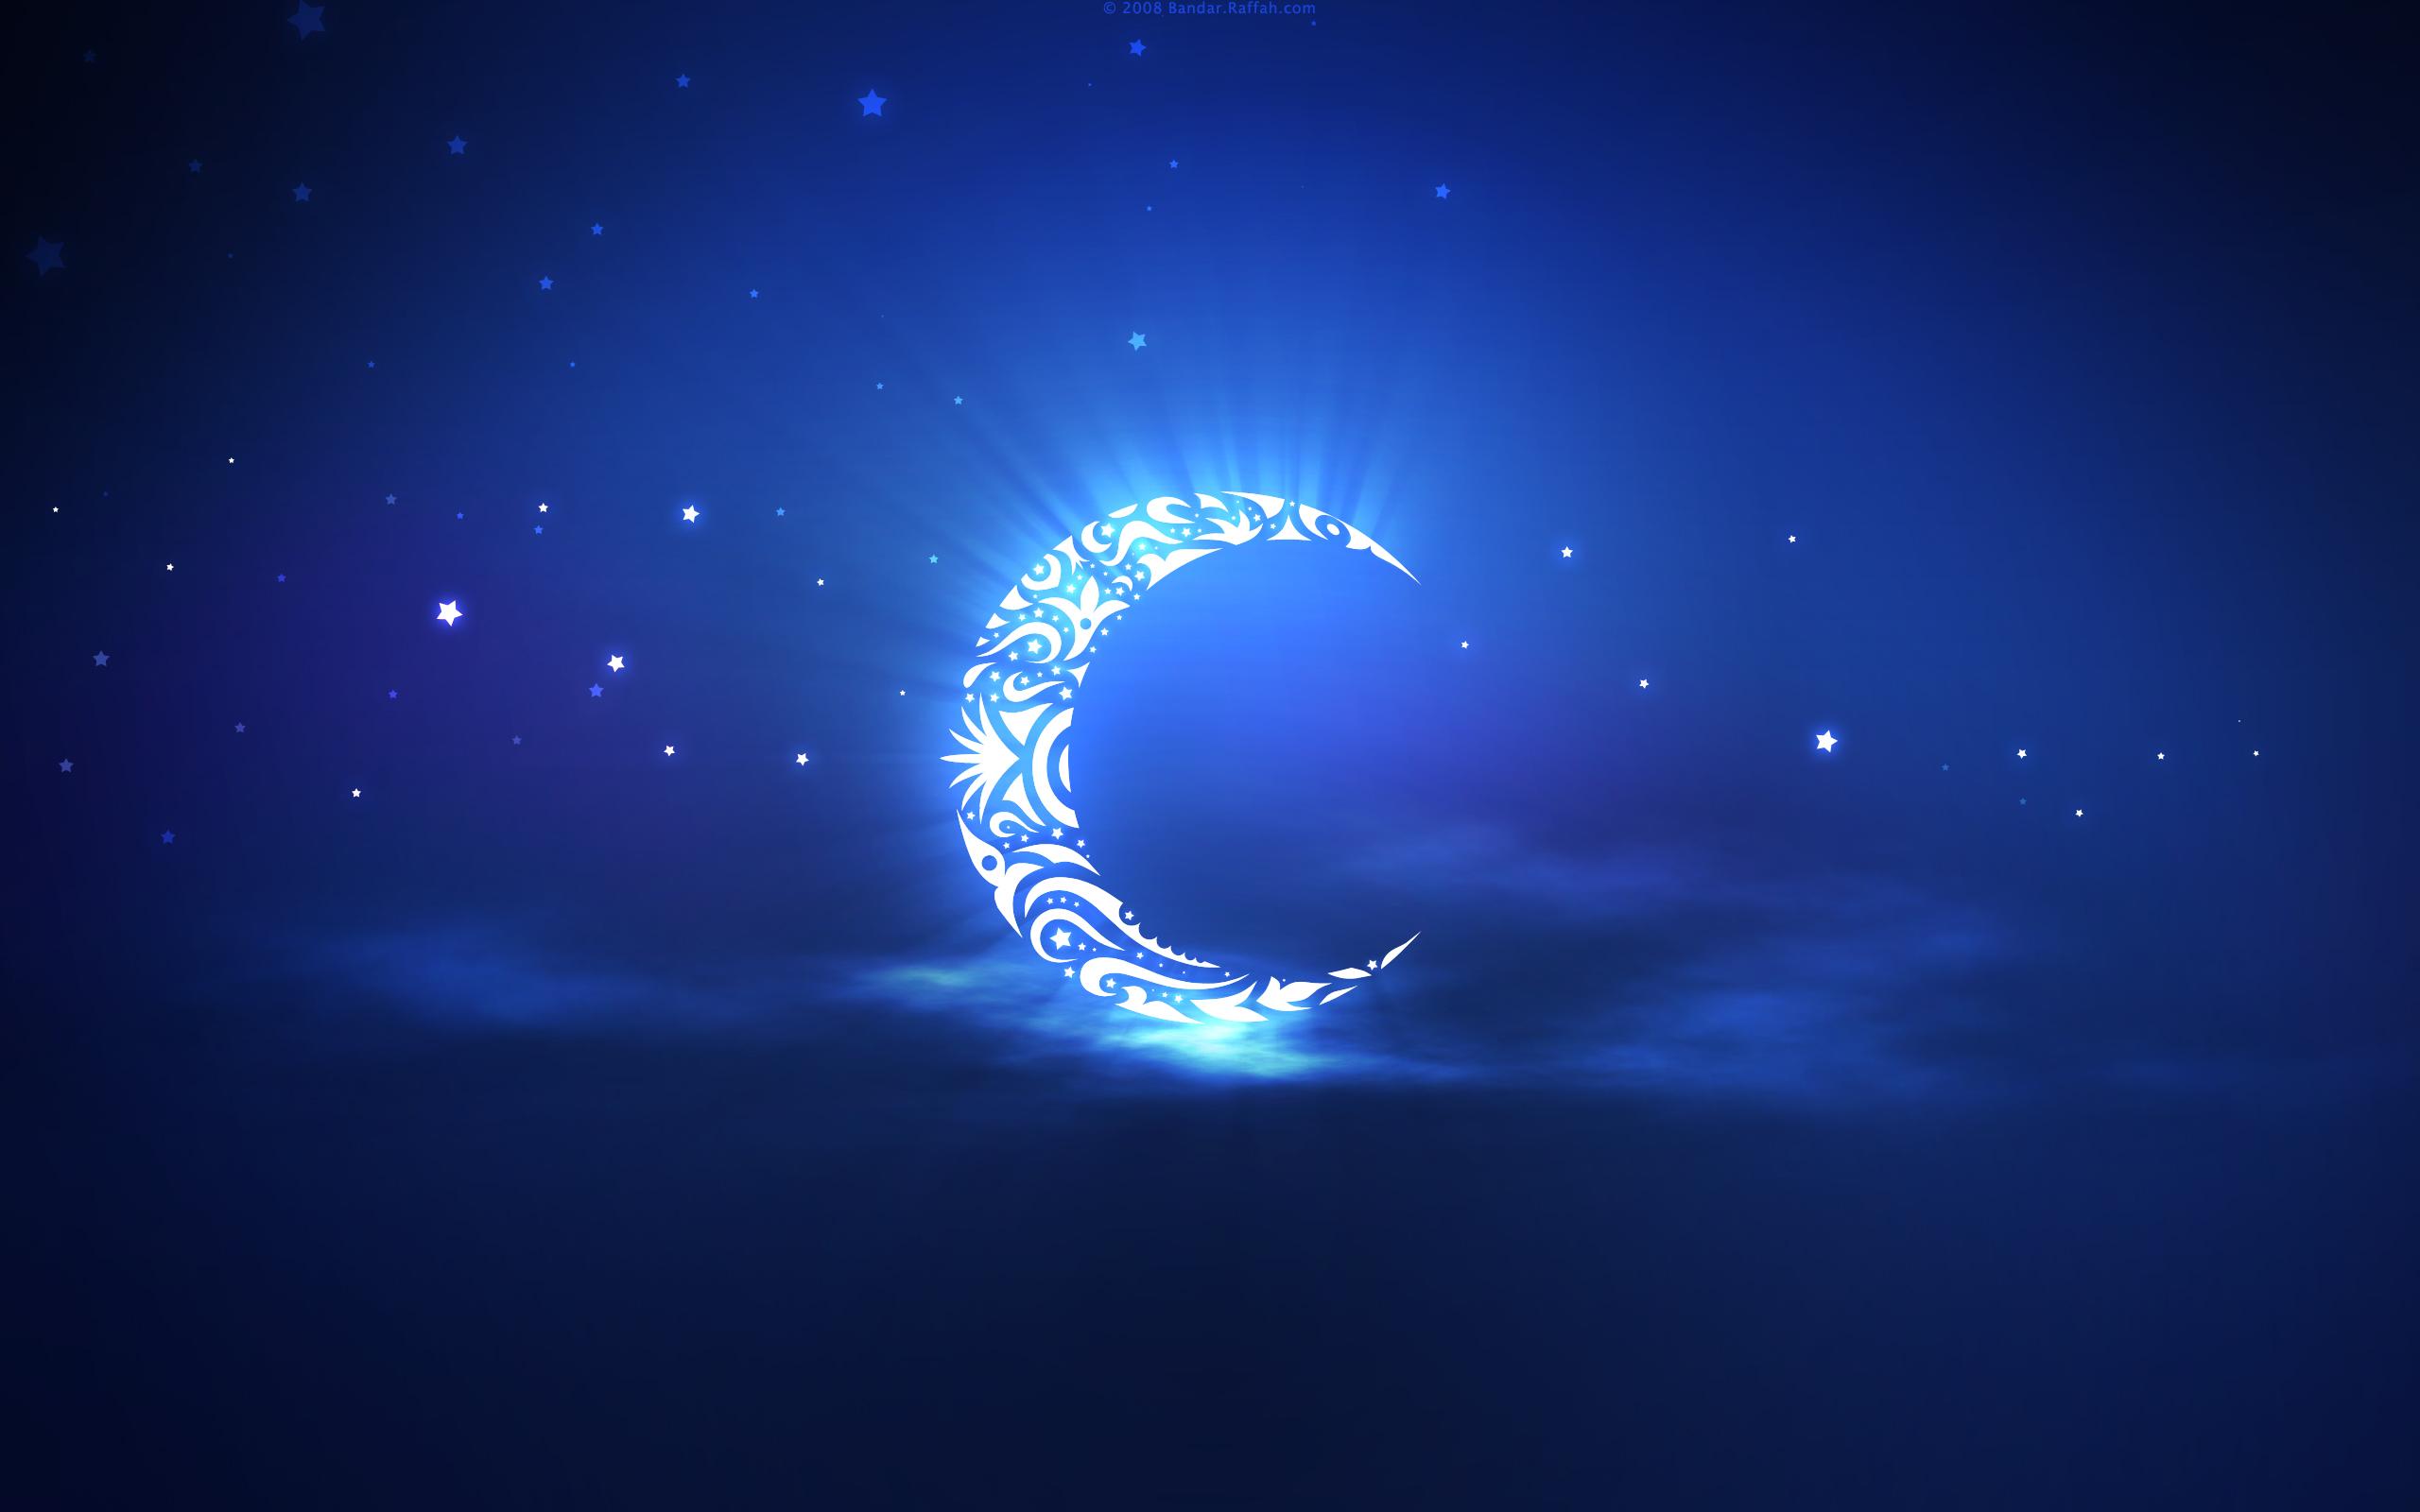 الجمعة أول أيام شهر رمضان؛ كل عام وأنتم بخير